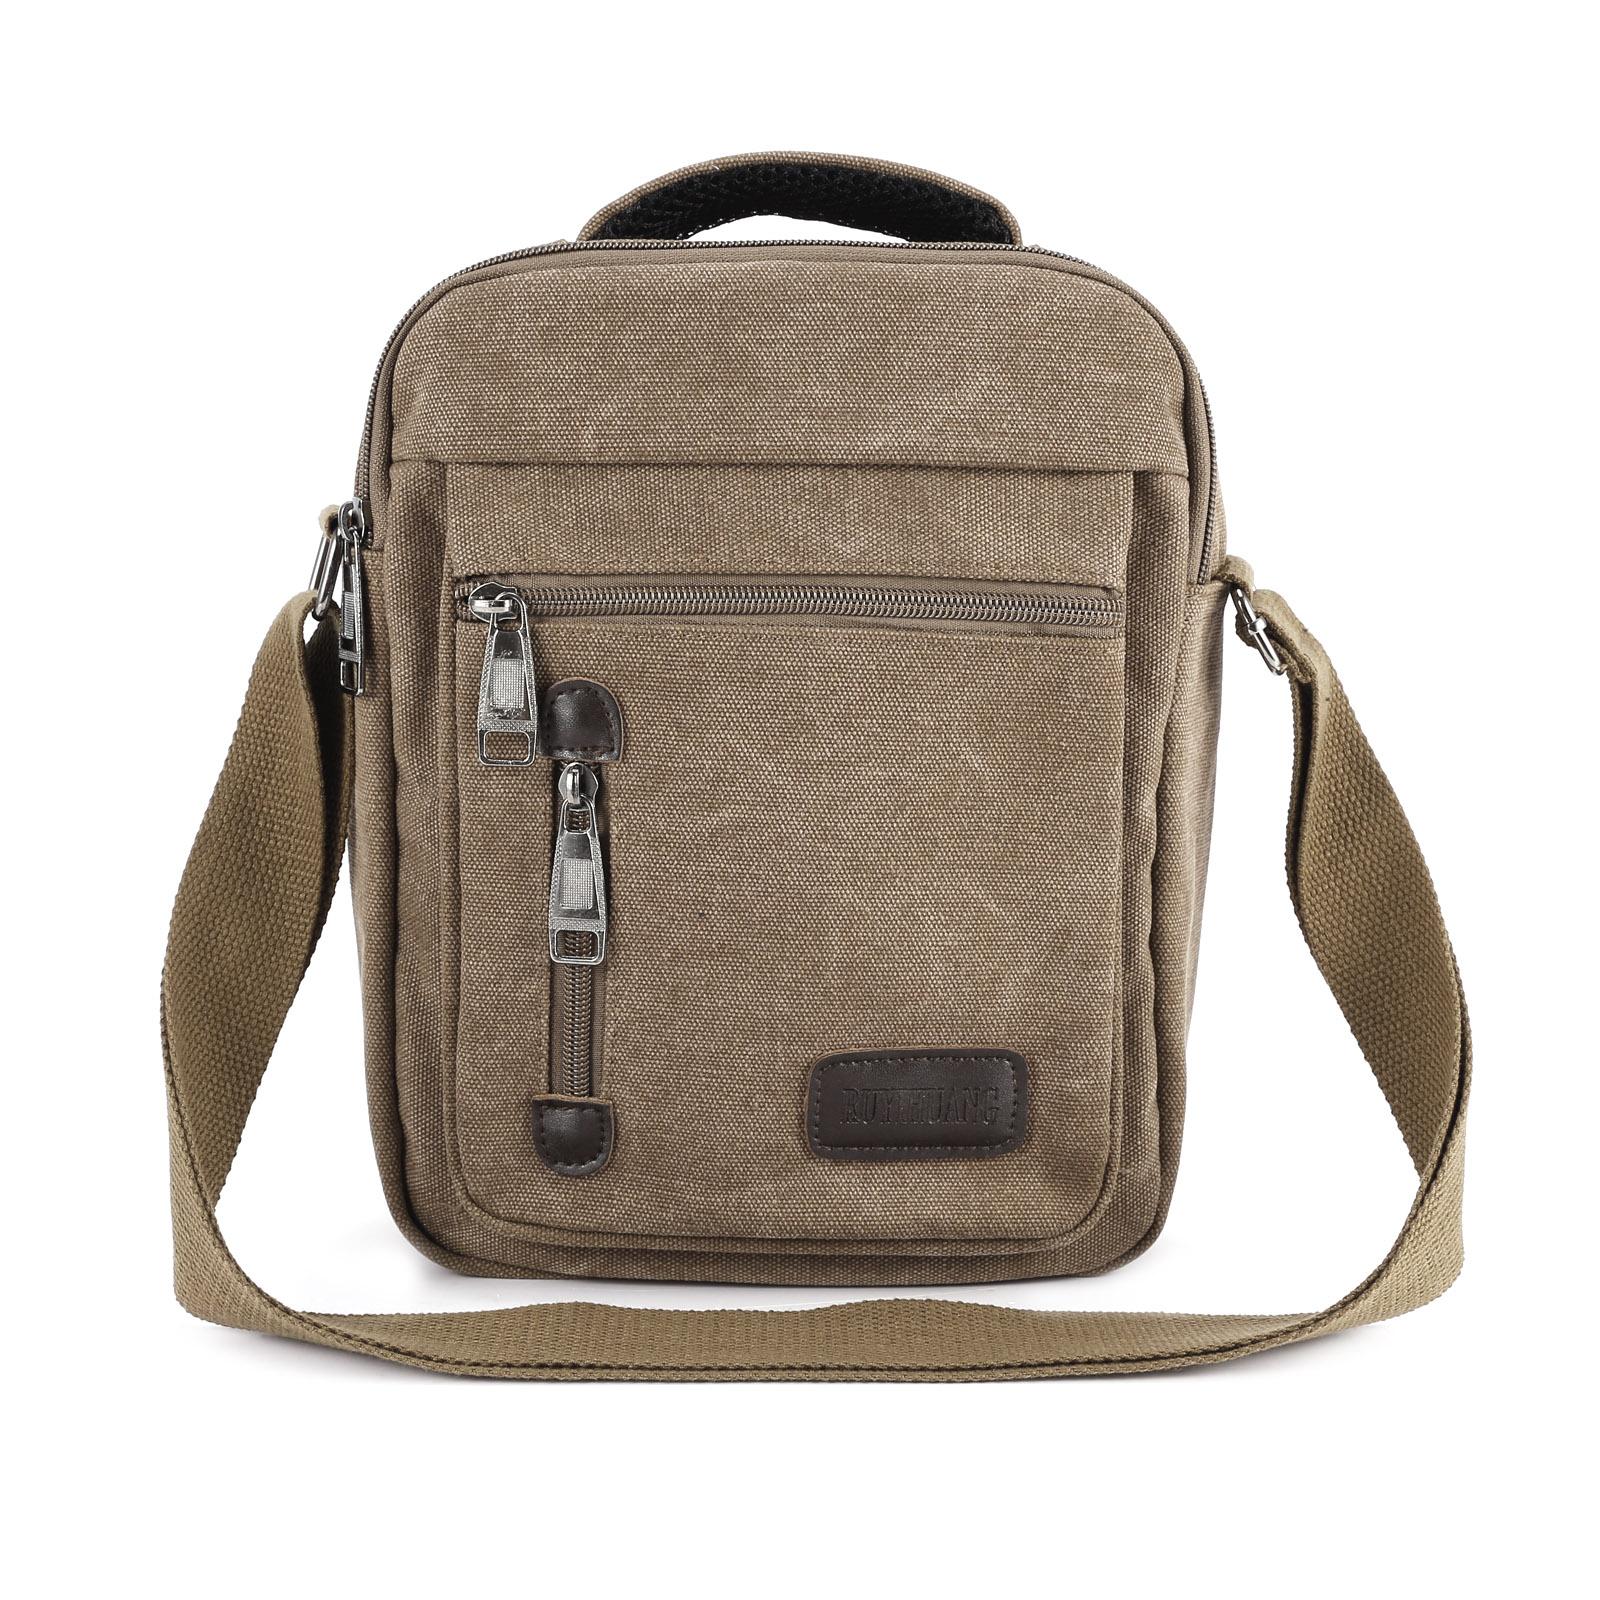 13056ca14519 Details about Men s Military Canvas Travel Hiking Satchel School Bag  Shoulder Messenger Bag